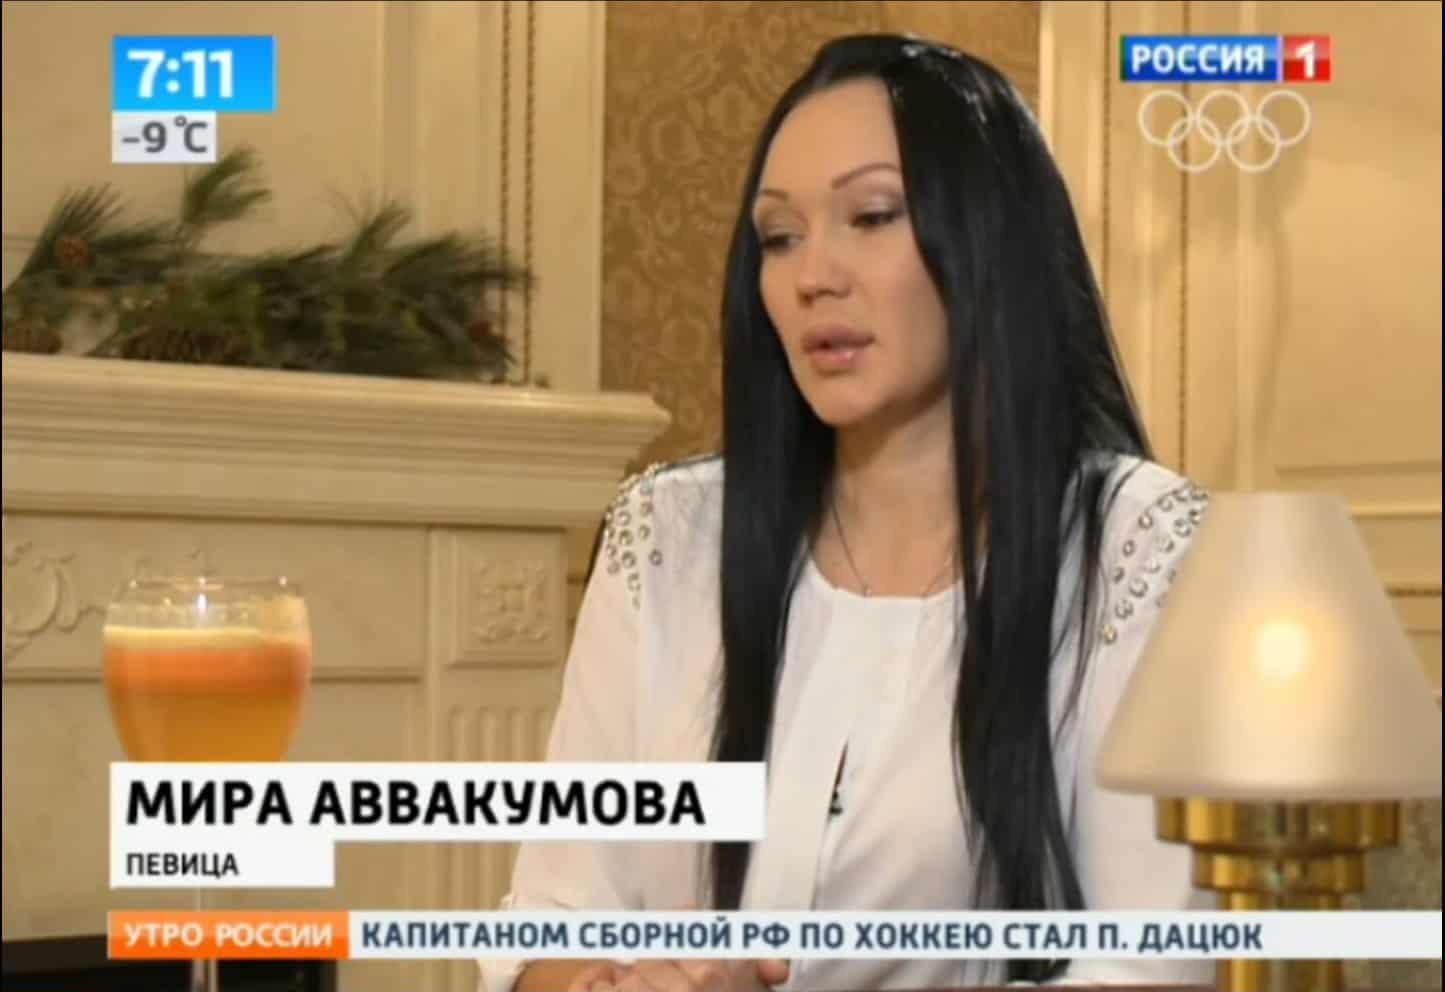 Мира в эфире, Утро России